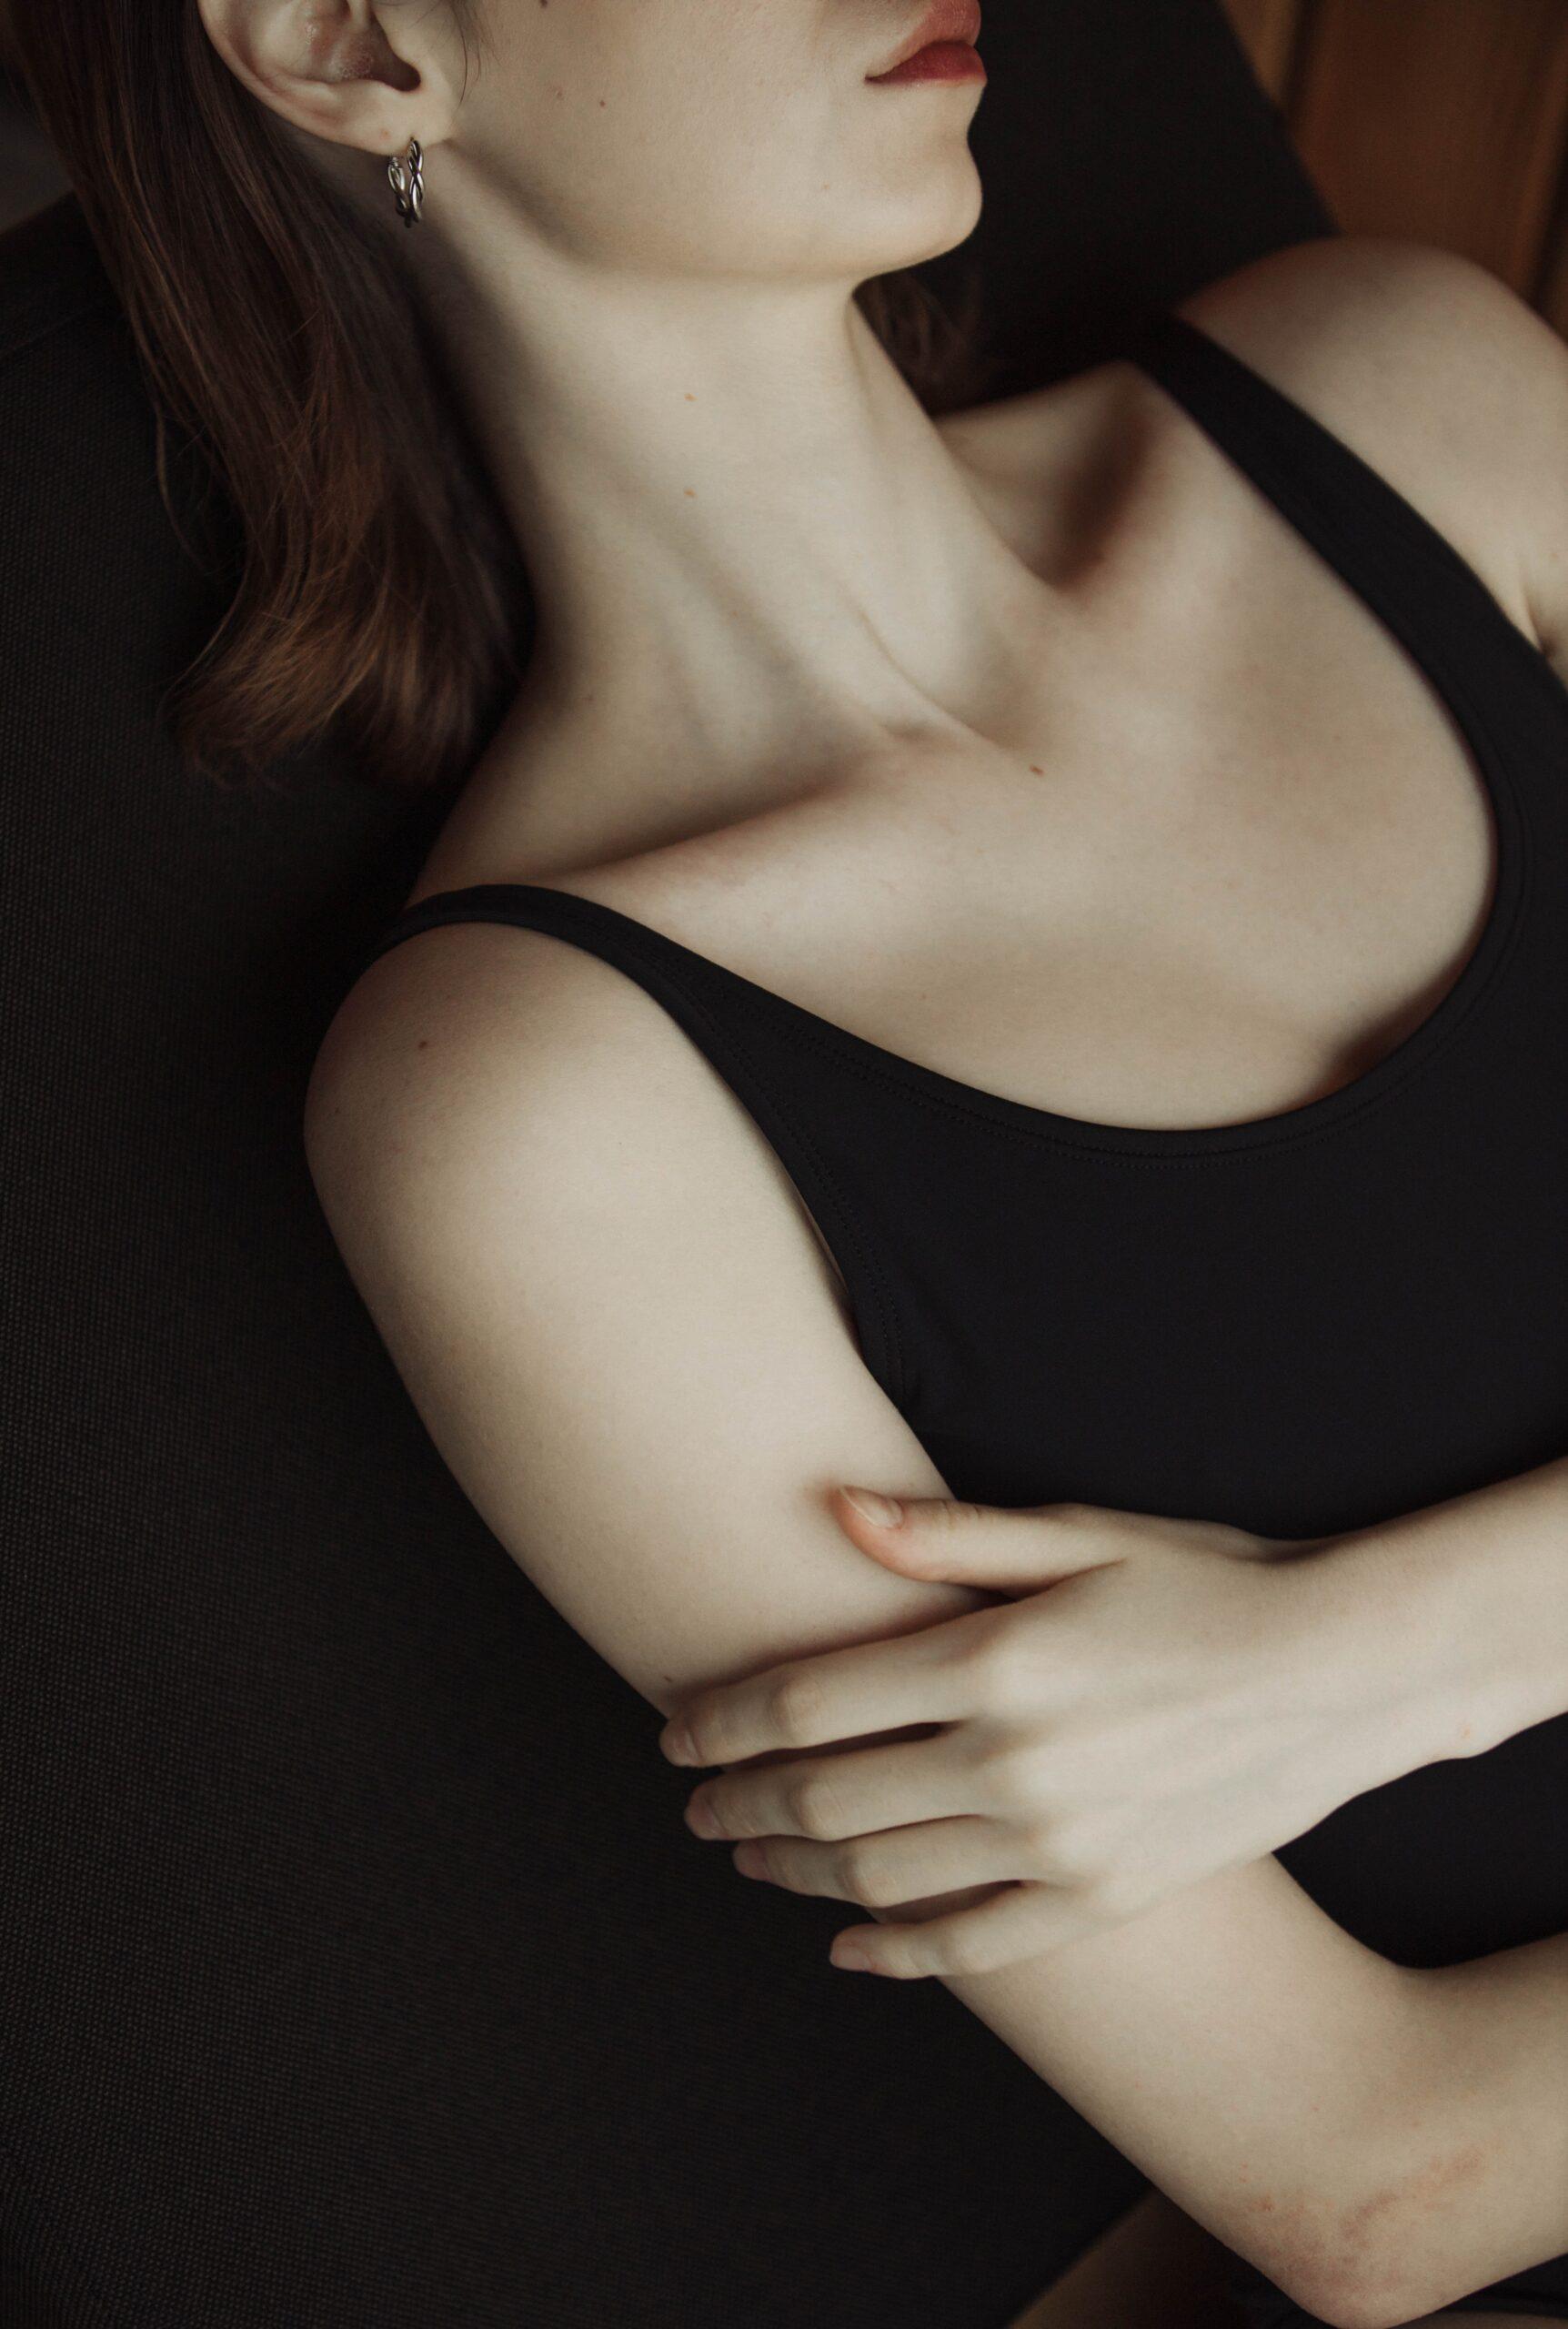 Πόνος στον μαστό: Γνωρίστε τους 10 λόγους στους οποίους μπορεί να οφείλεται